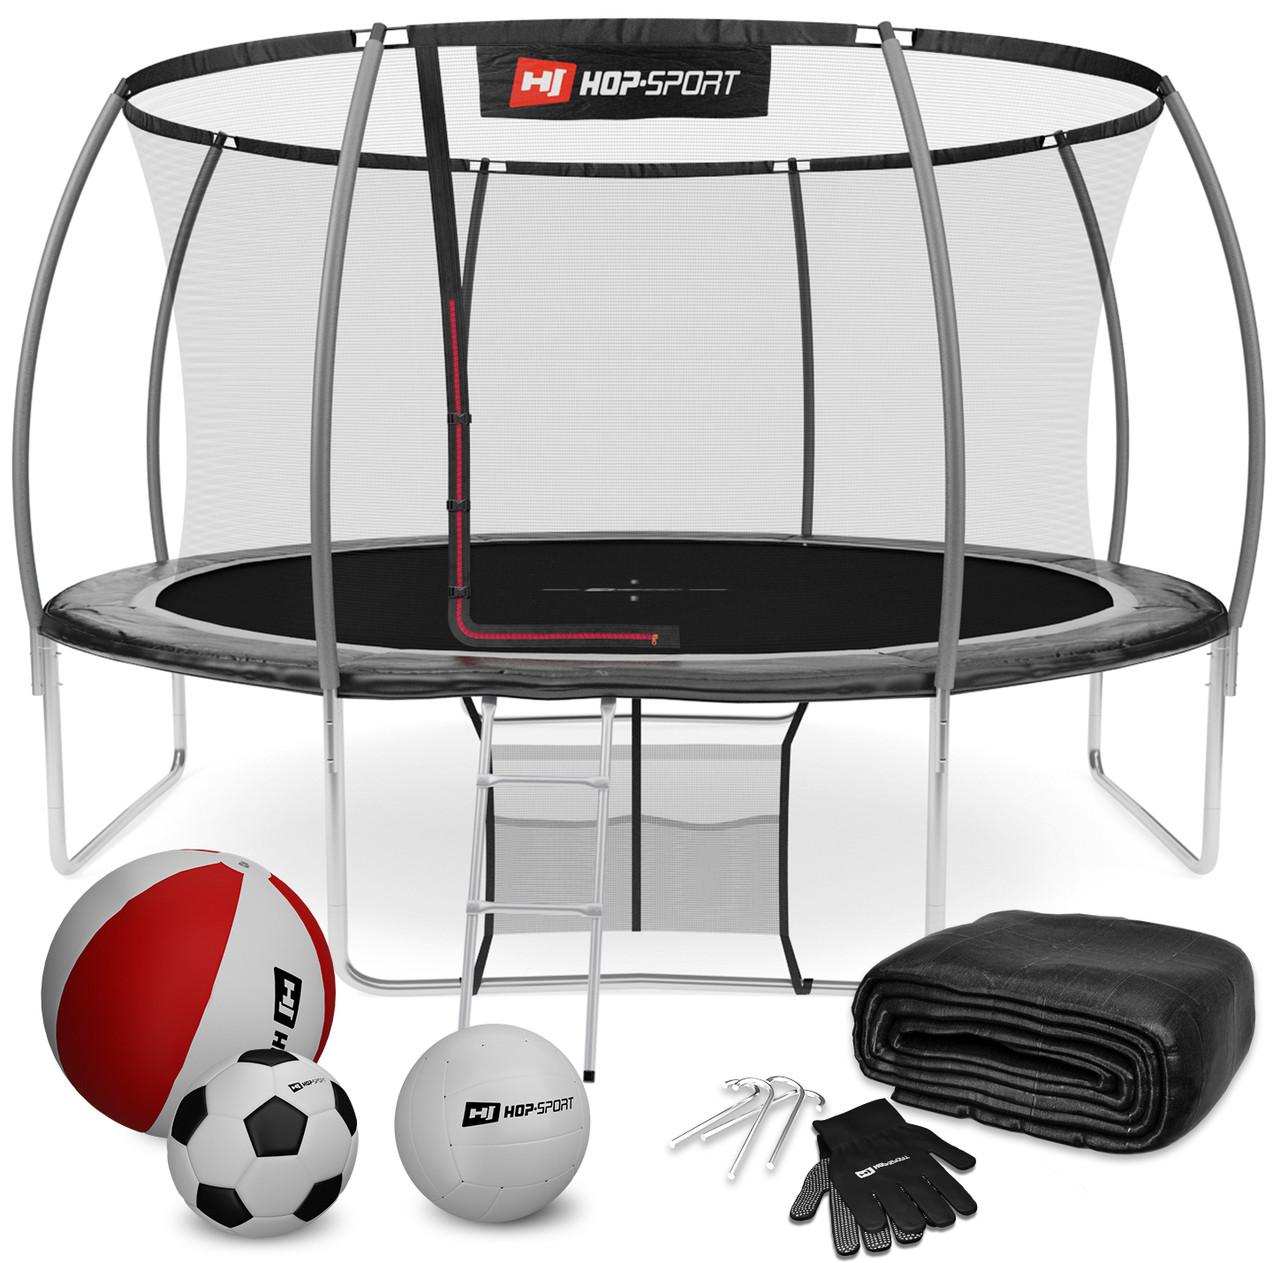 Батут для стрибків з внутрішньої сіткою 427 см чорний з сірим Hop-Sport Premium 14ft (427cm) black/grey